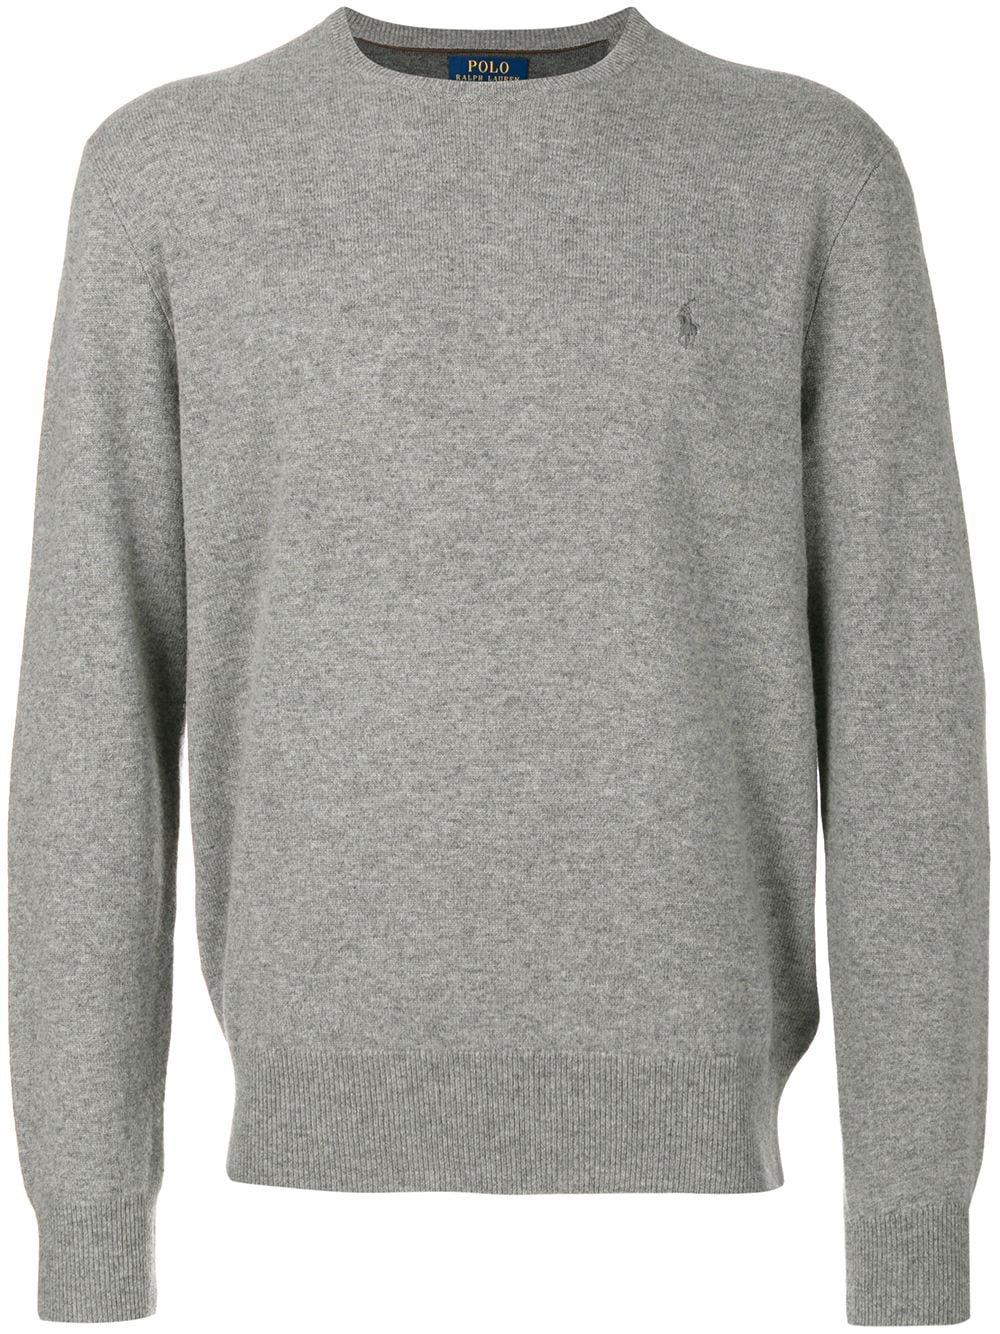 Polo Ralph Lauren Wollpullover mit Logo-Stickerei - Grau